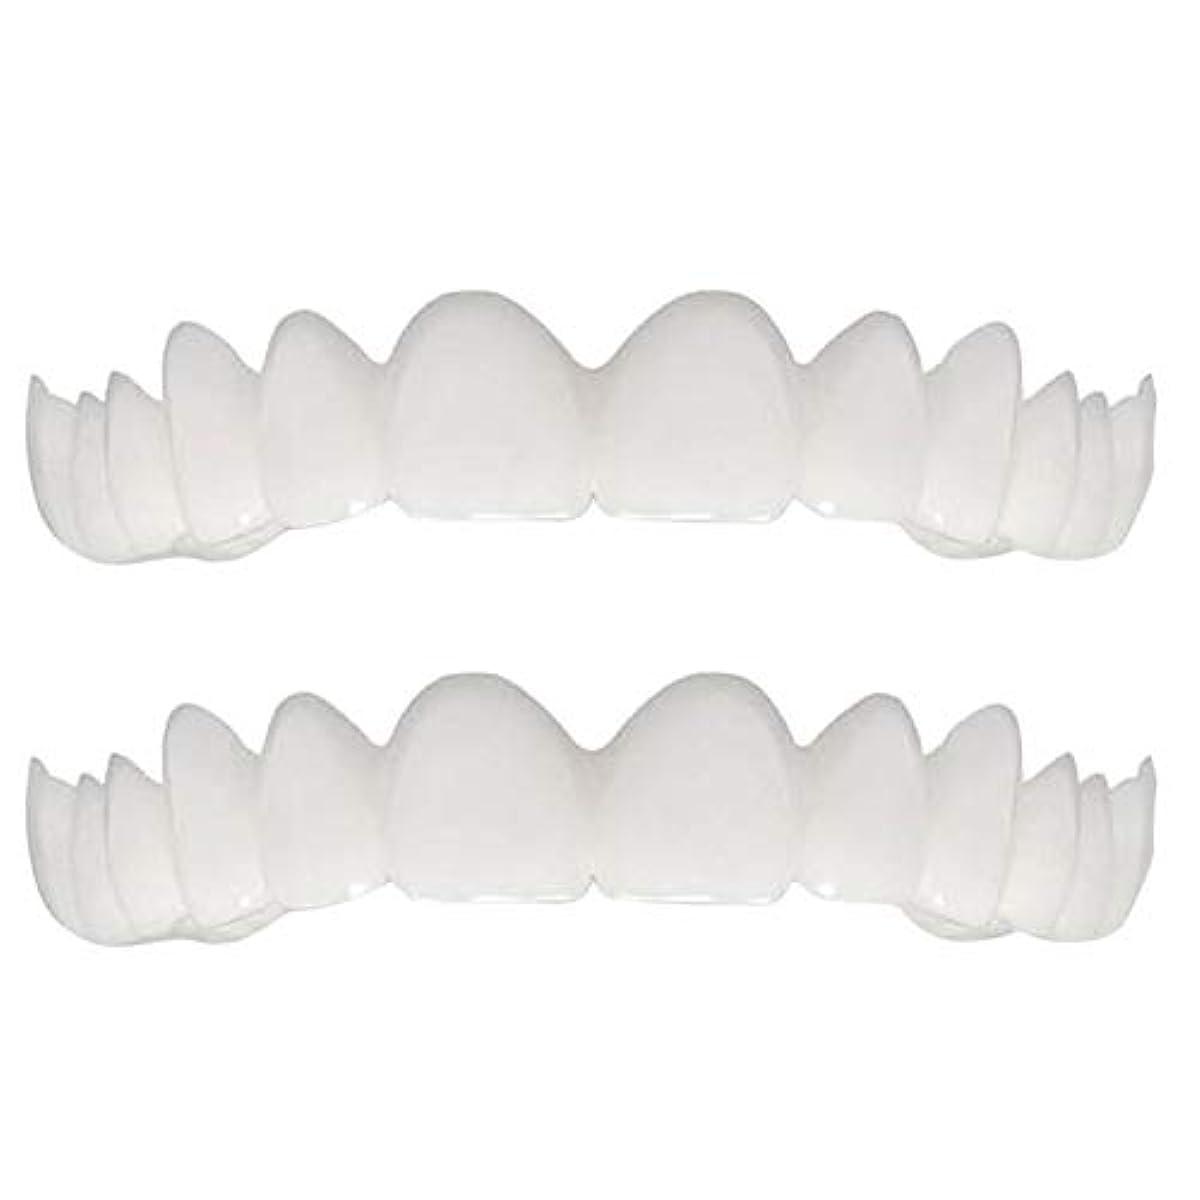 突然尊敬宿題シリコーンシミュレーション義歯、上下歯列の白い歯ブレース(1セット),Boxed,UpperLower